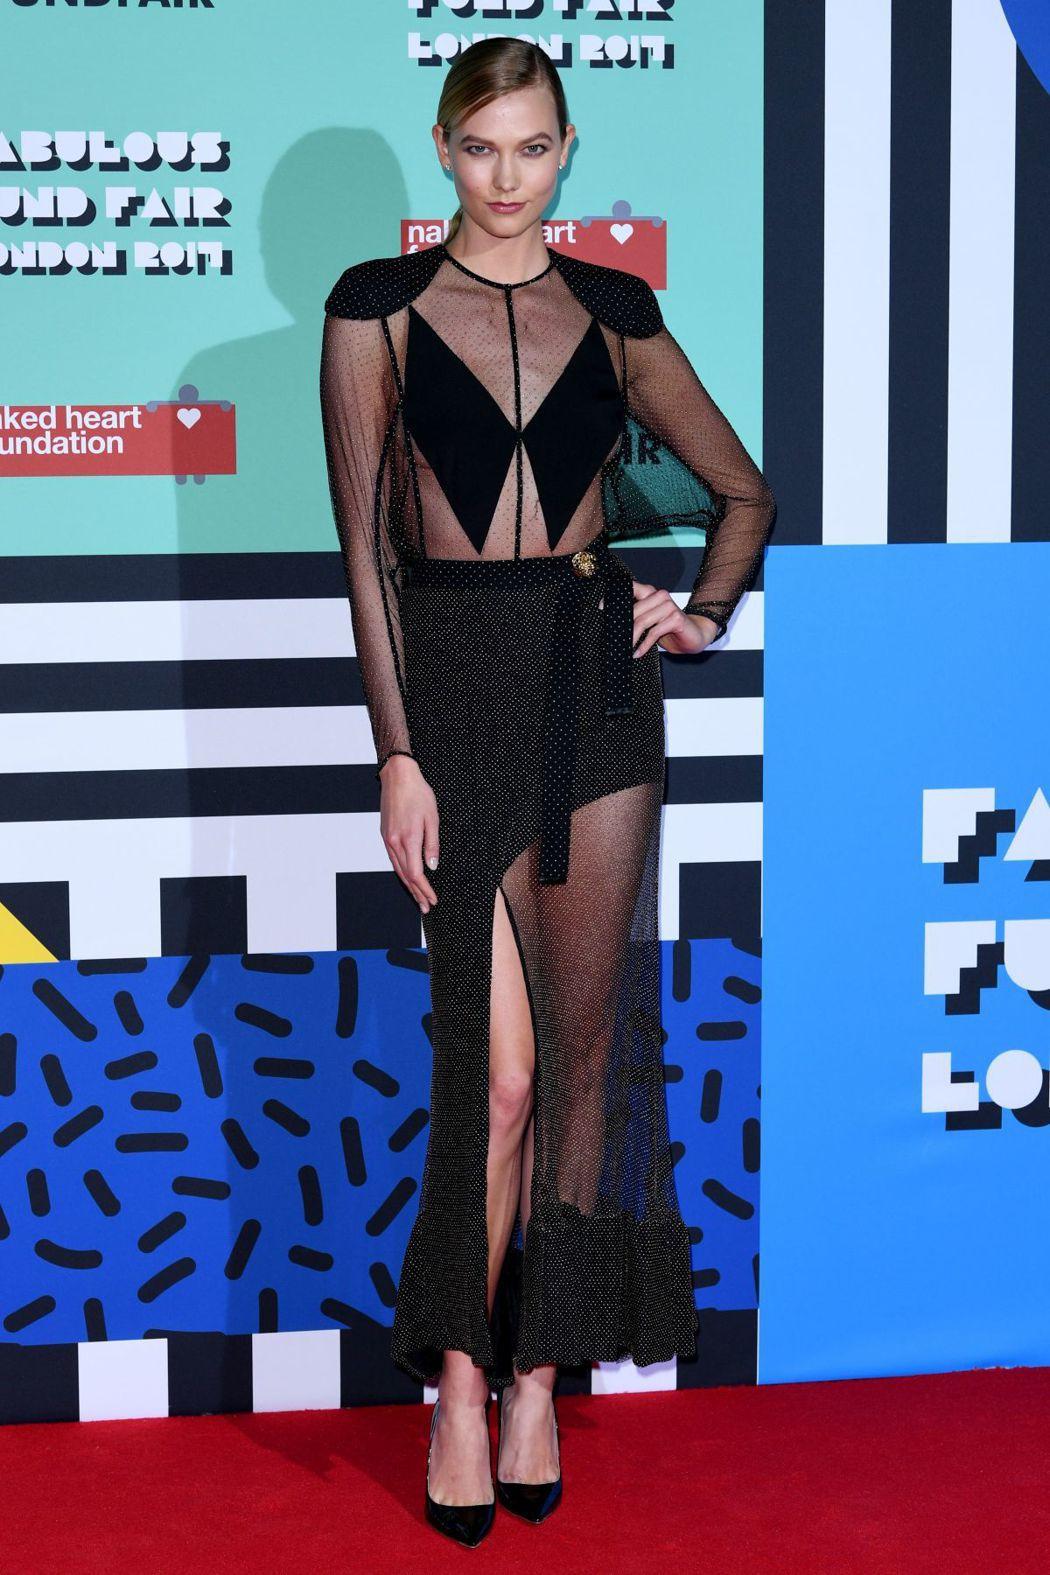 卡莉克勞斯詮釋LV 2017春夏洋裝。圖/取自twitter